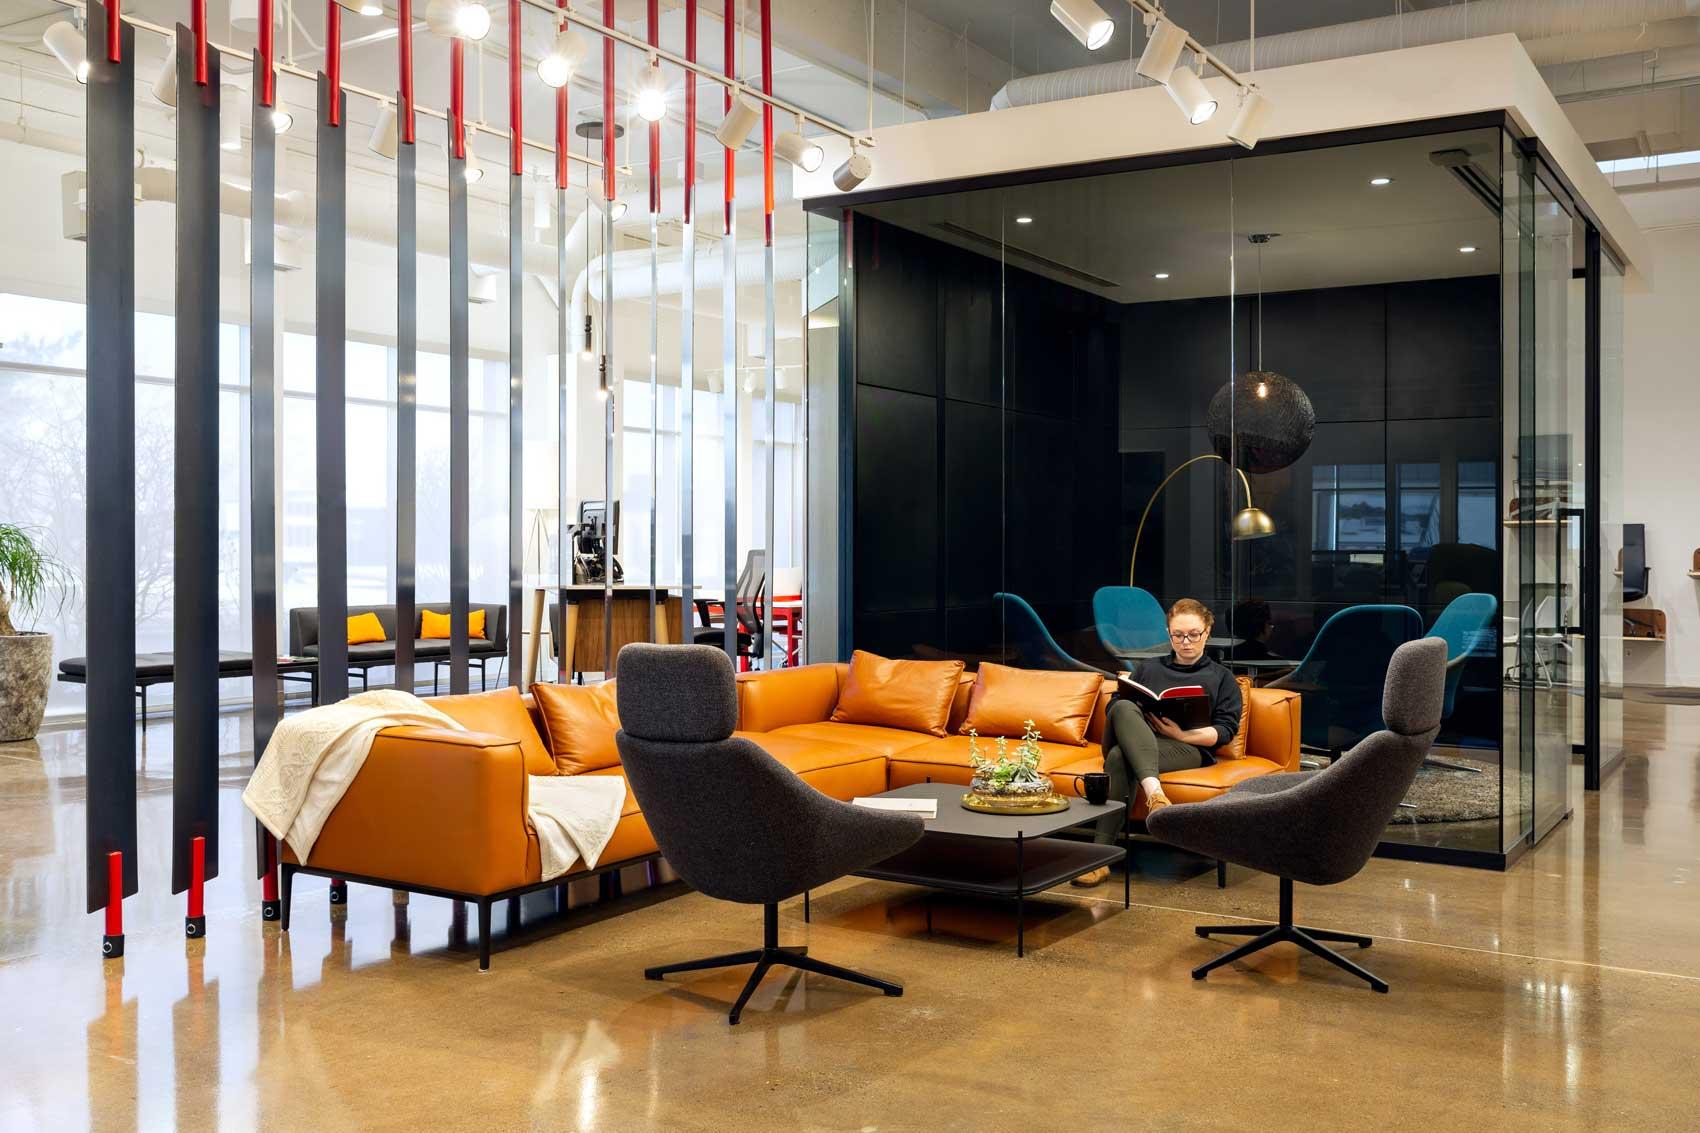 ARIDO Award Winner: McCrum's Office Furnishings